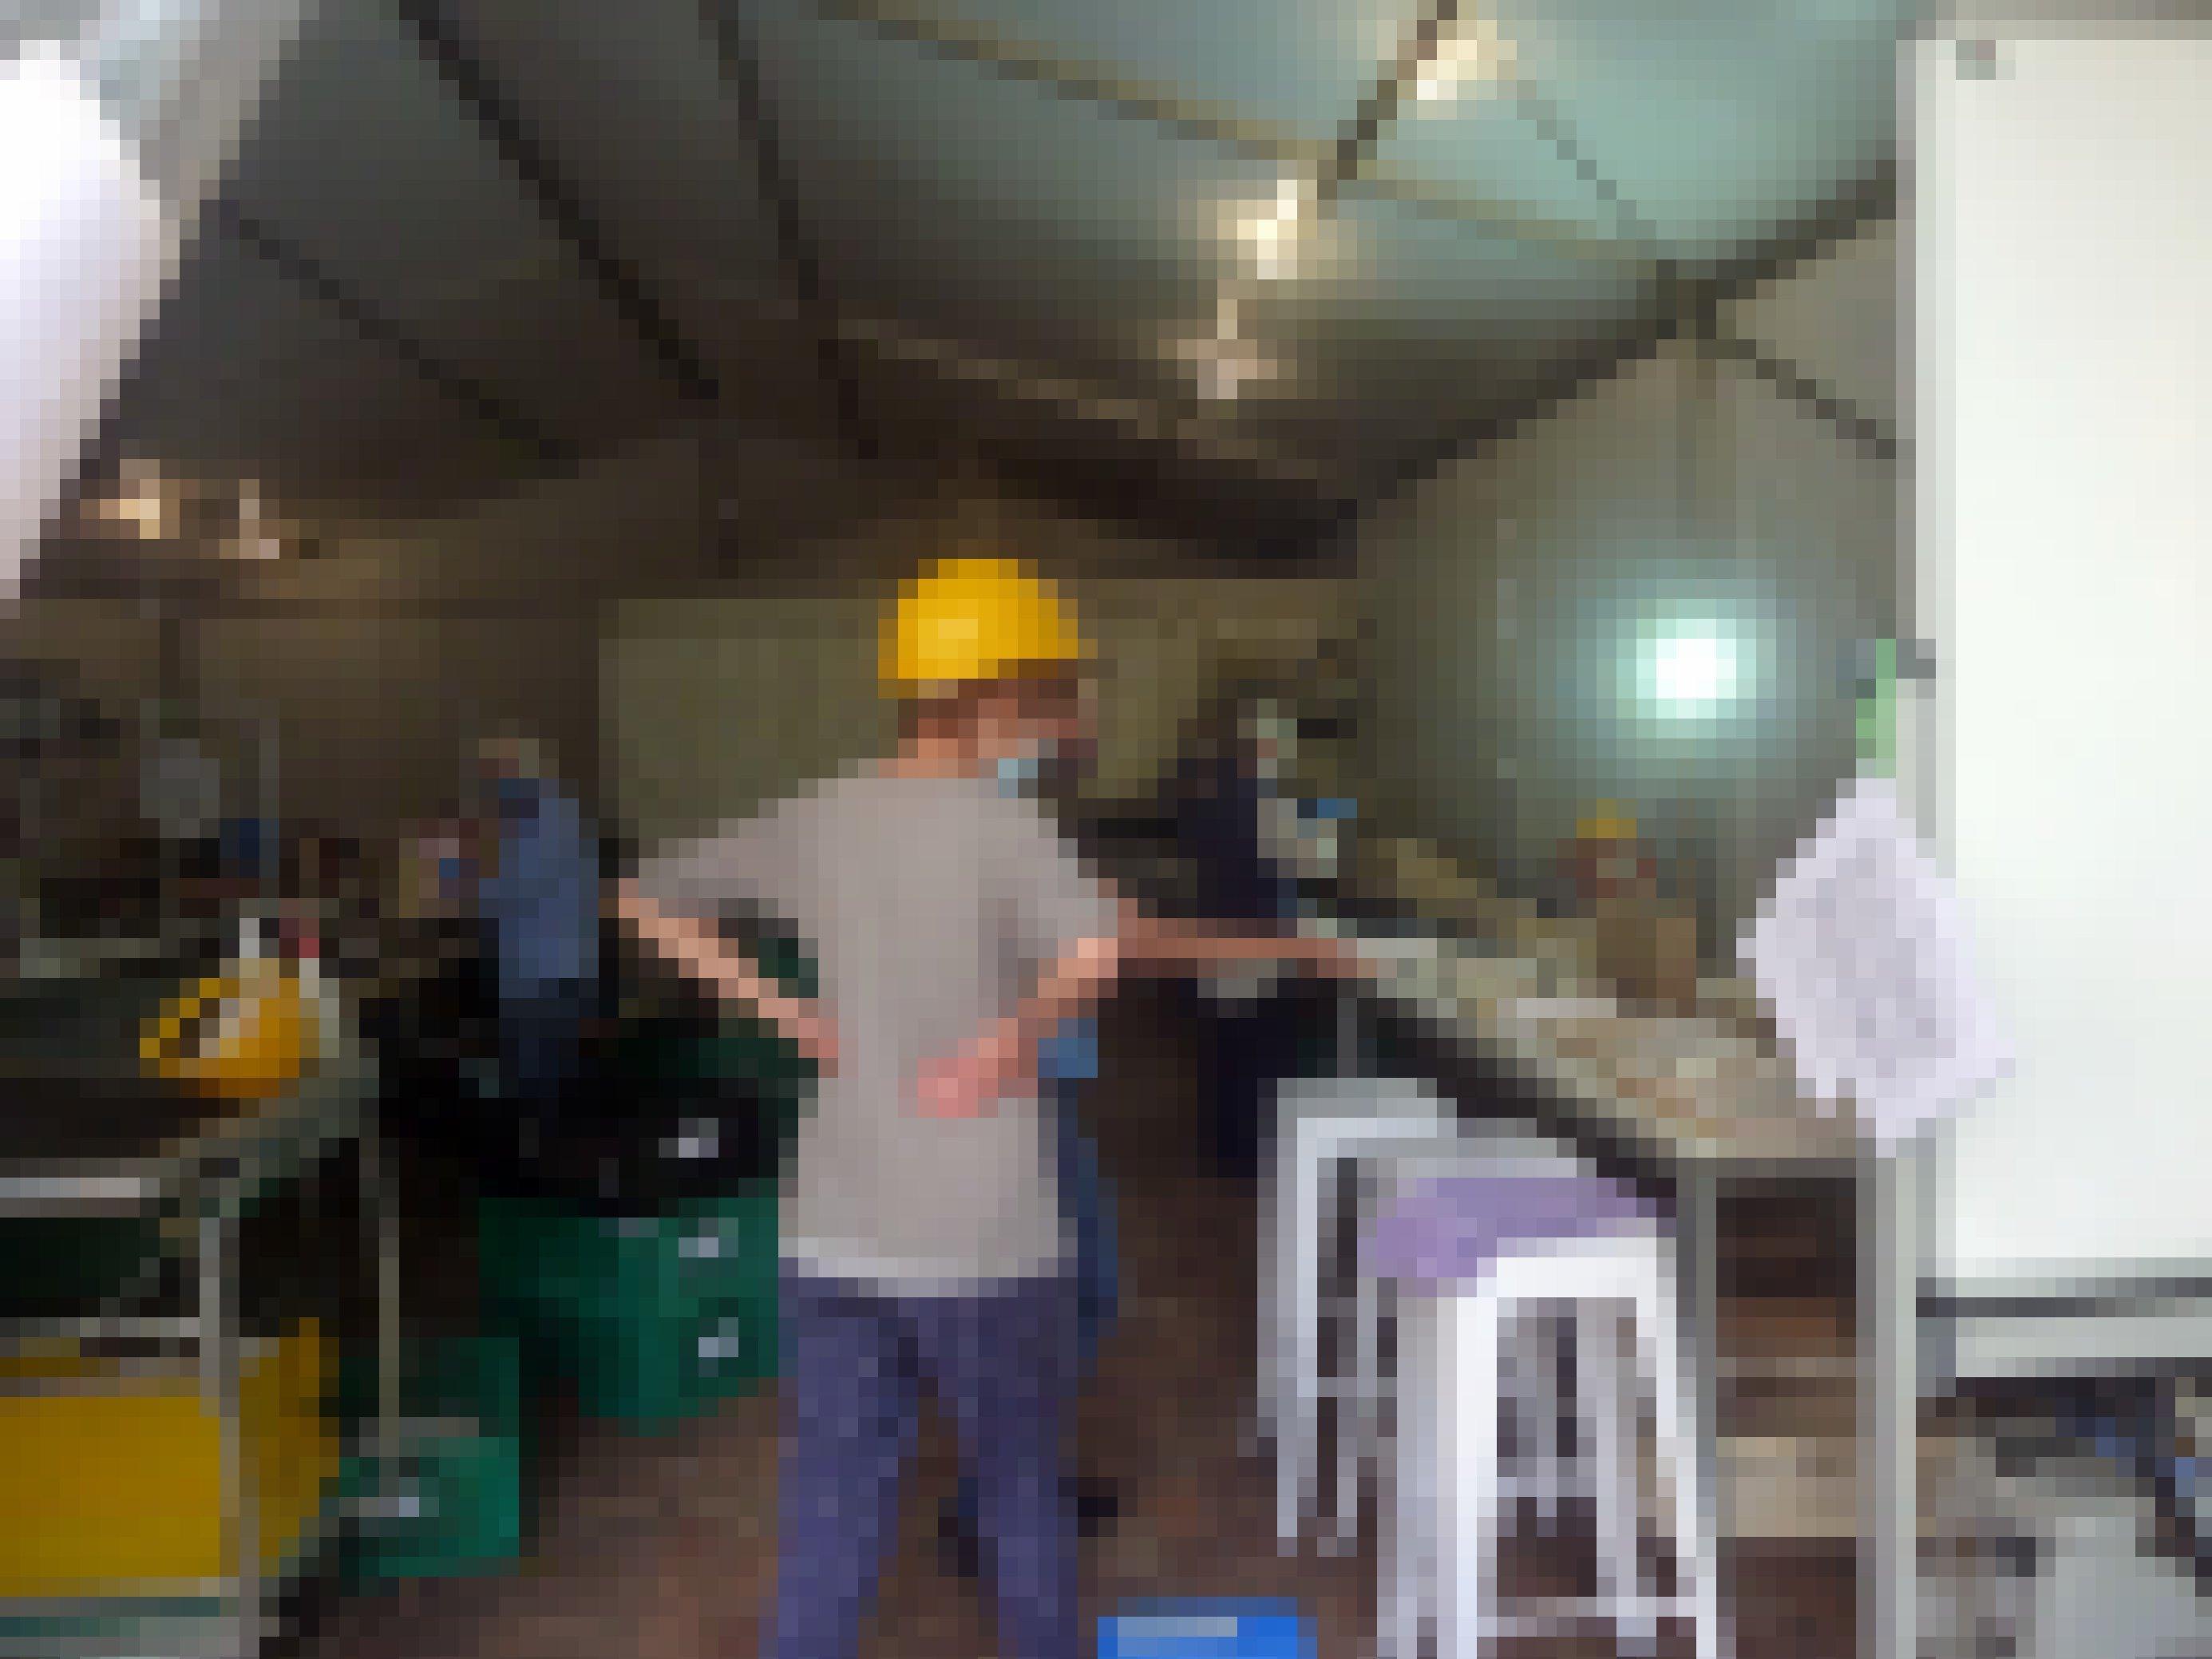 Blick in ein Zelt, in dem mehrere Frauen mit Bauhelmen arbeiten und Dokumente trocknen